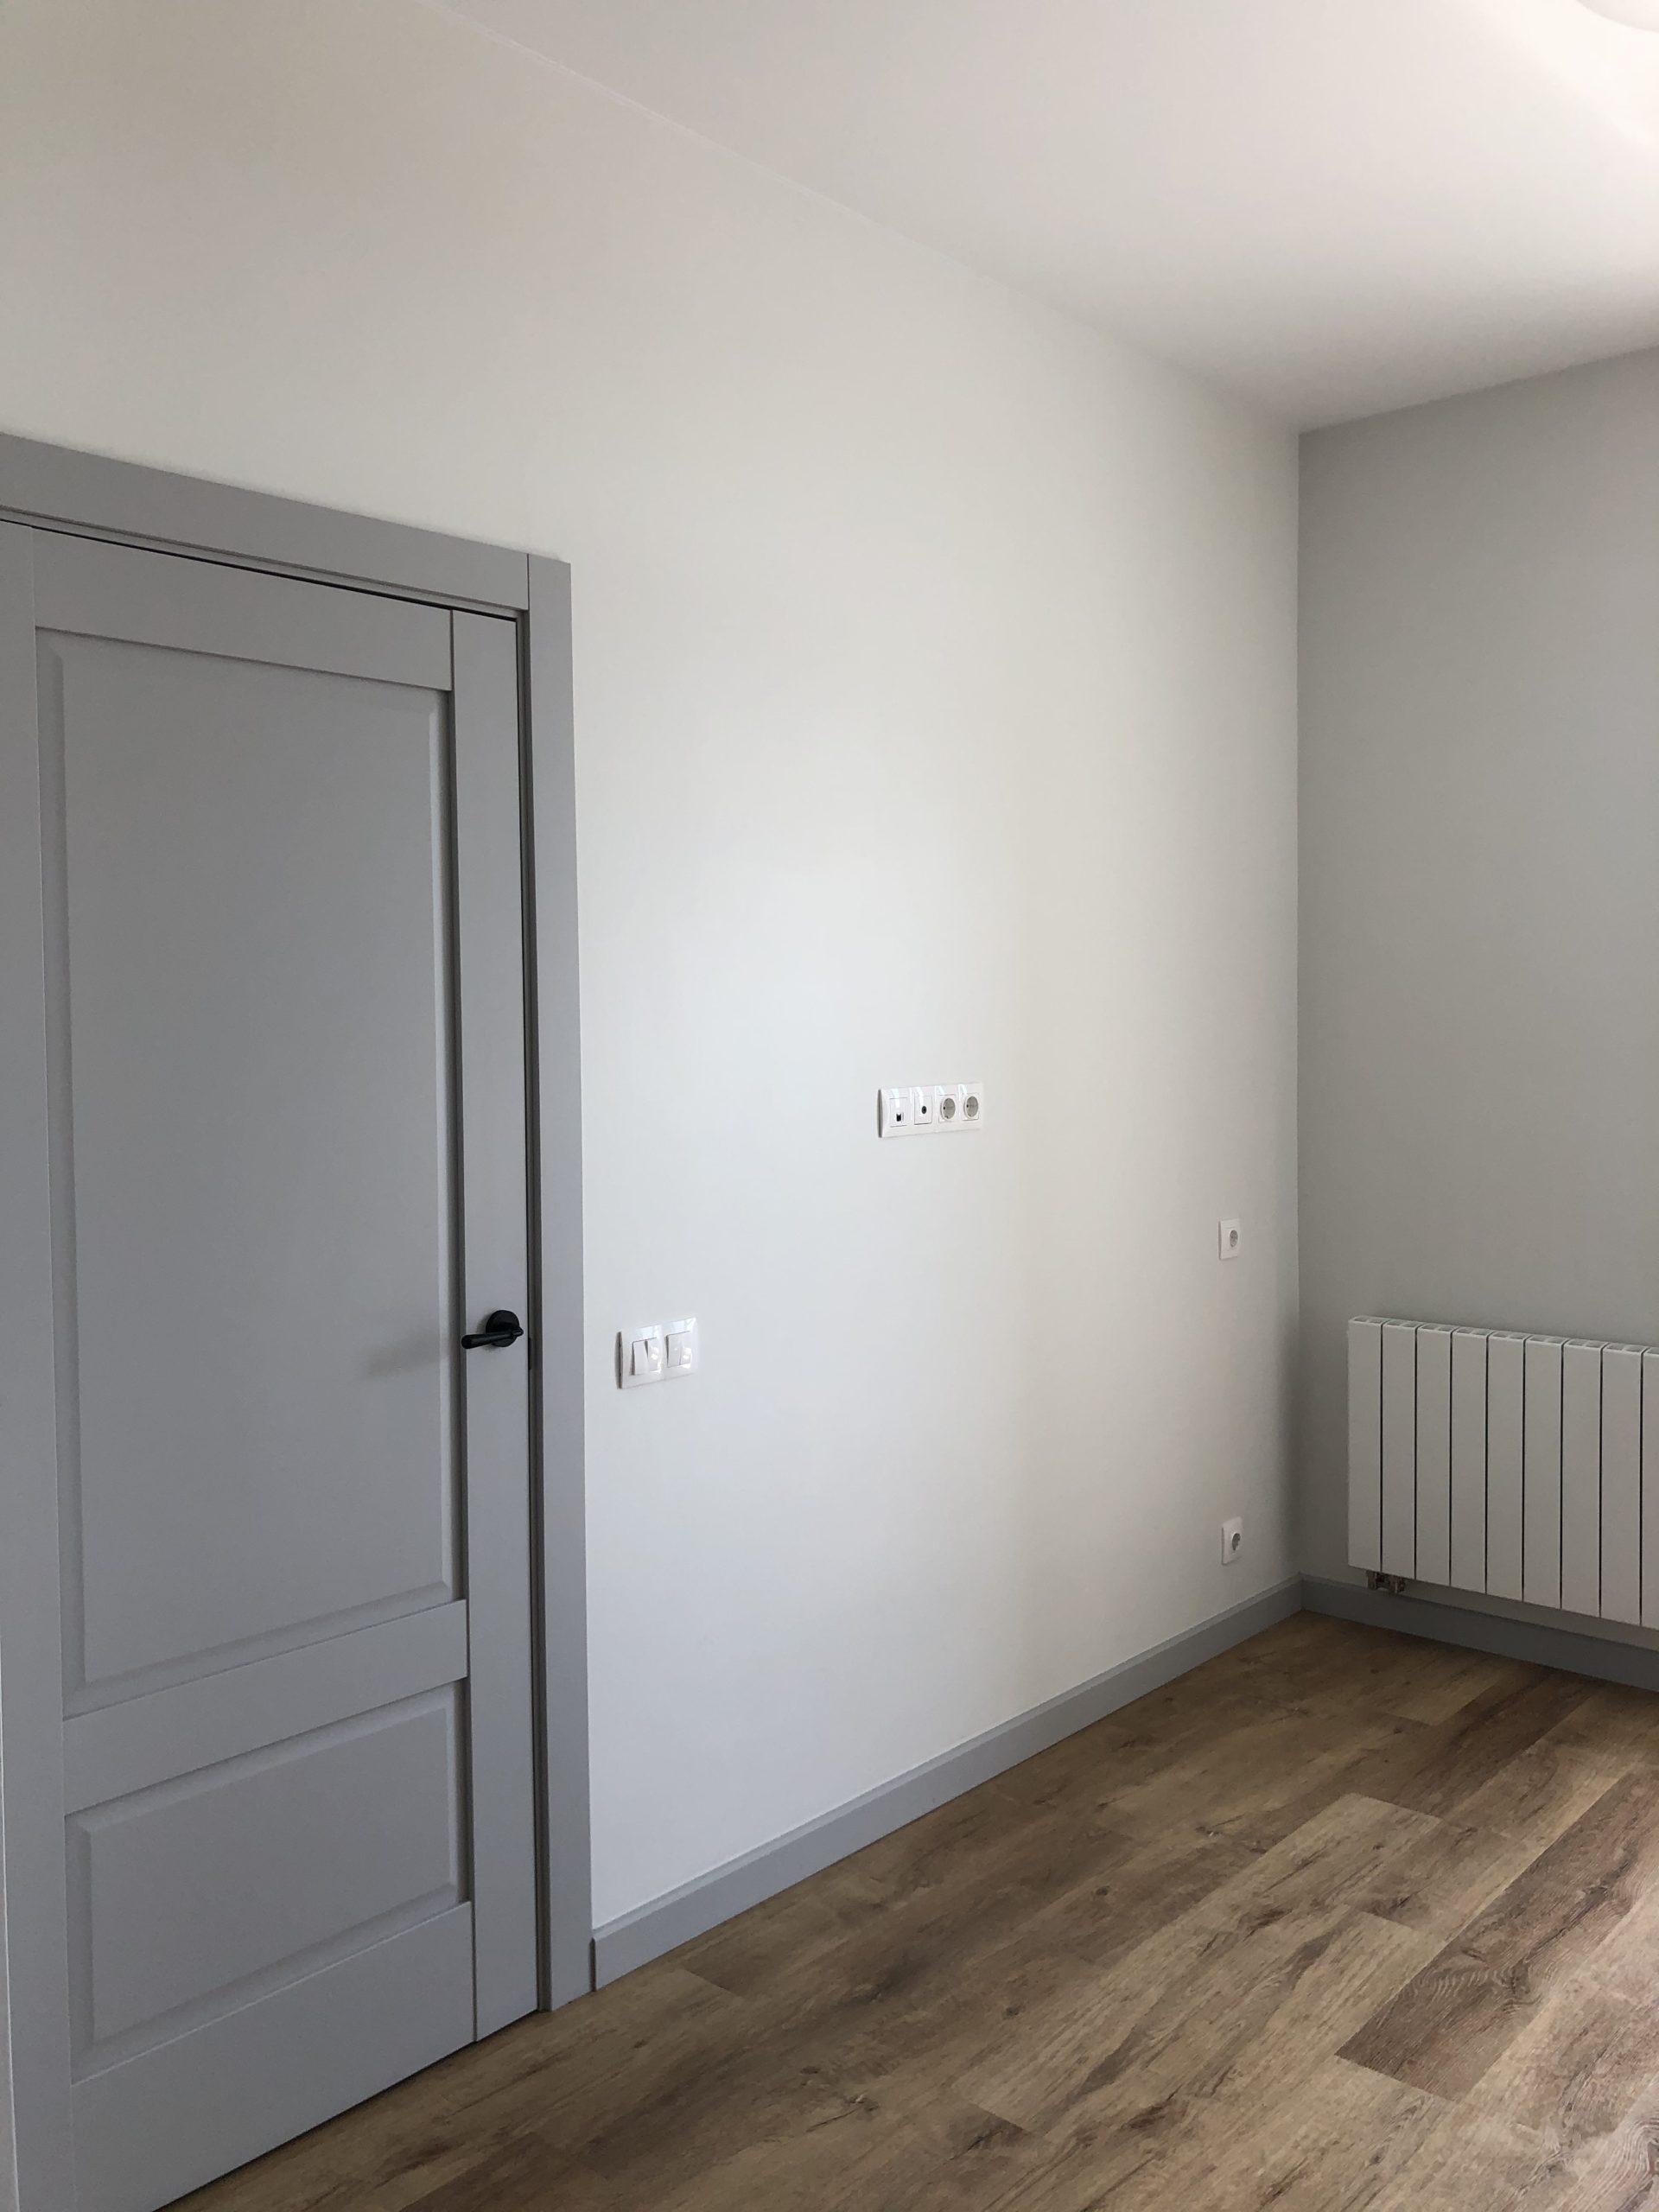 Ремонт произведен в двухкомнатной квартире в новостройке.